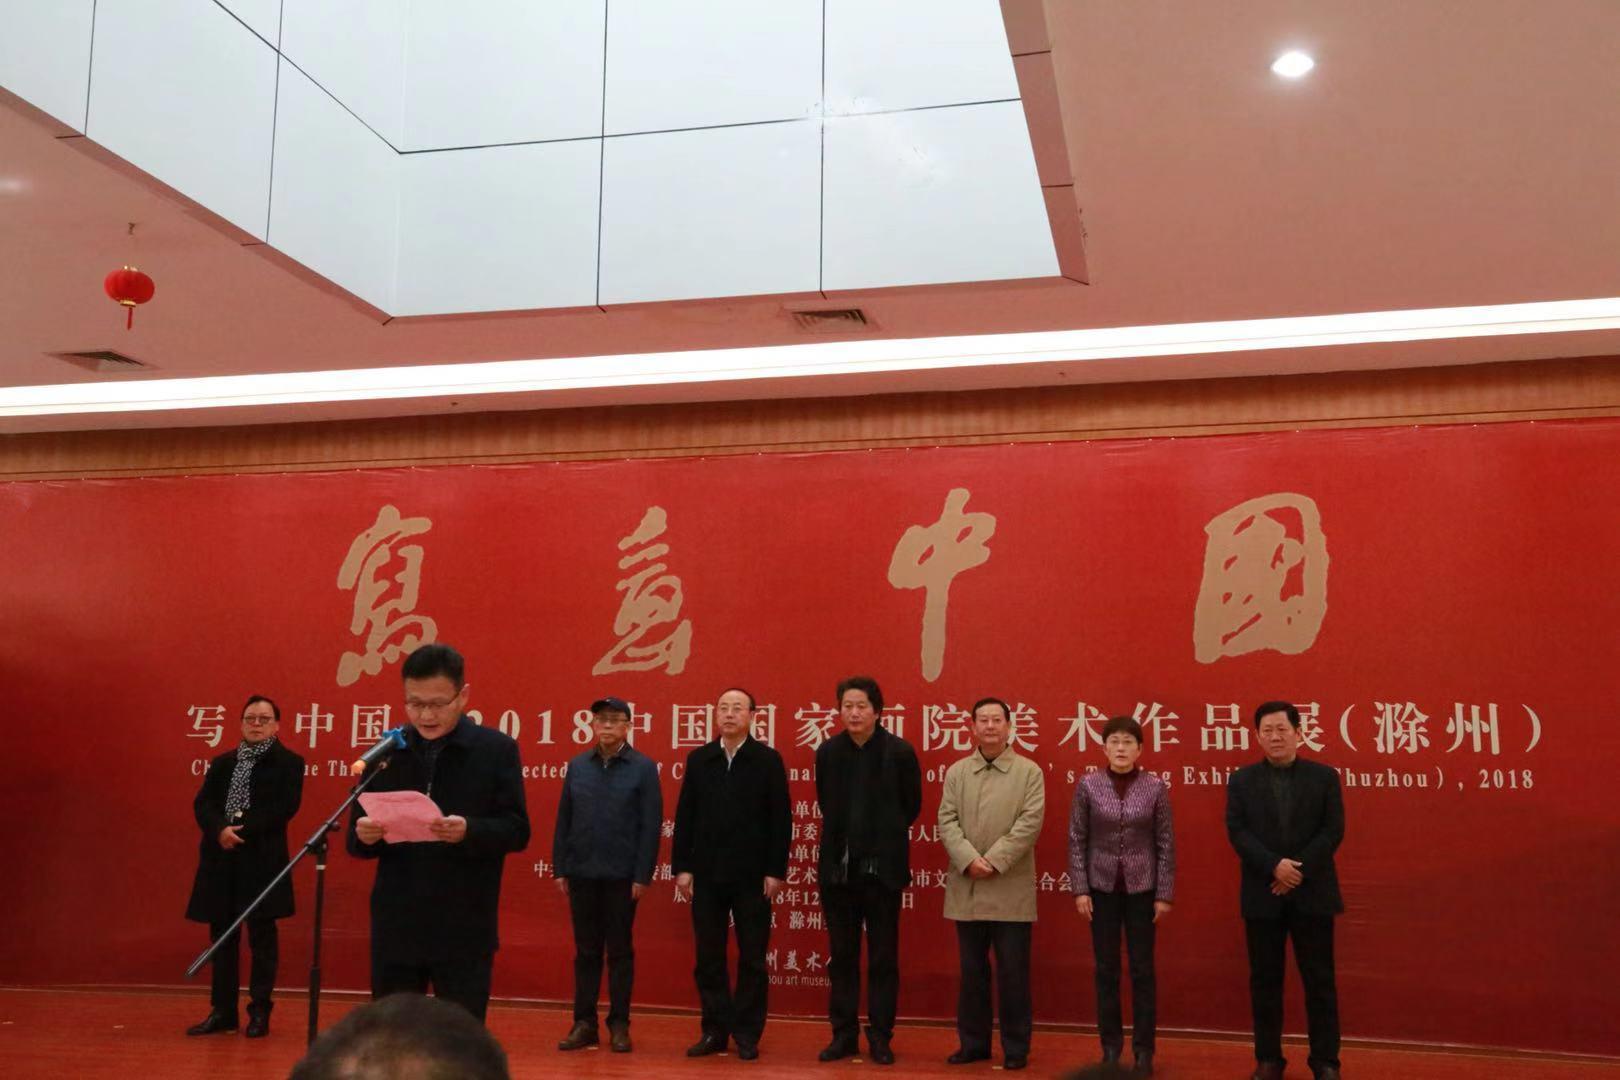 滁州市副市长陆峰致辞